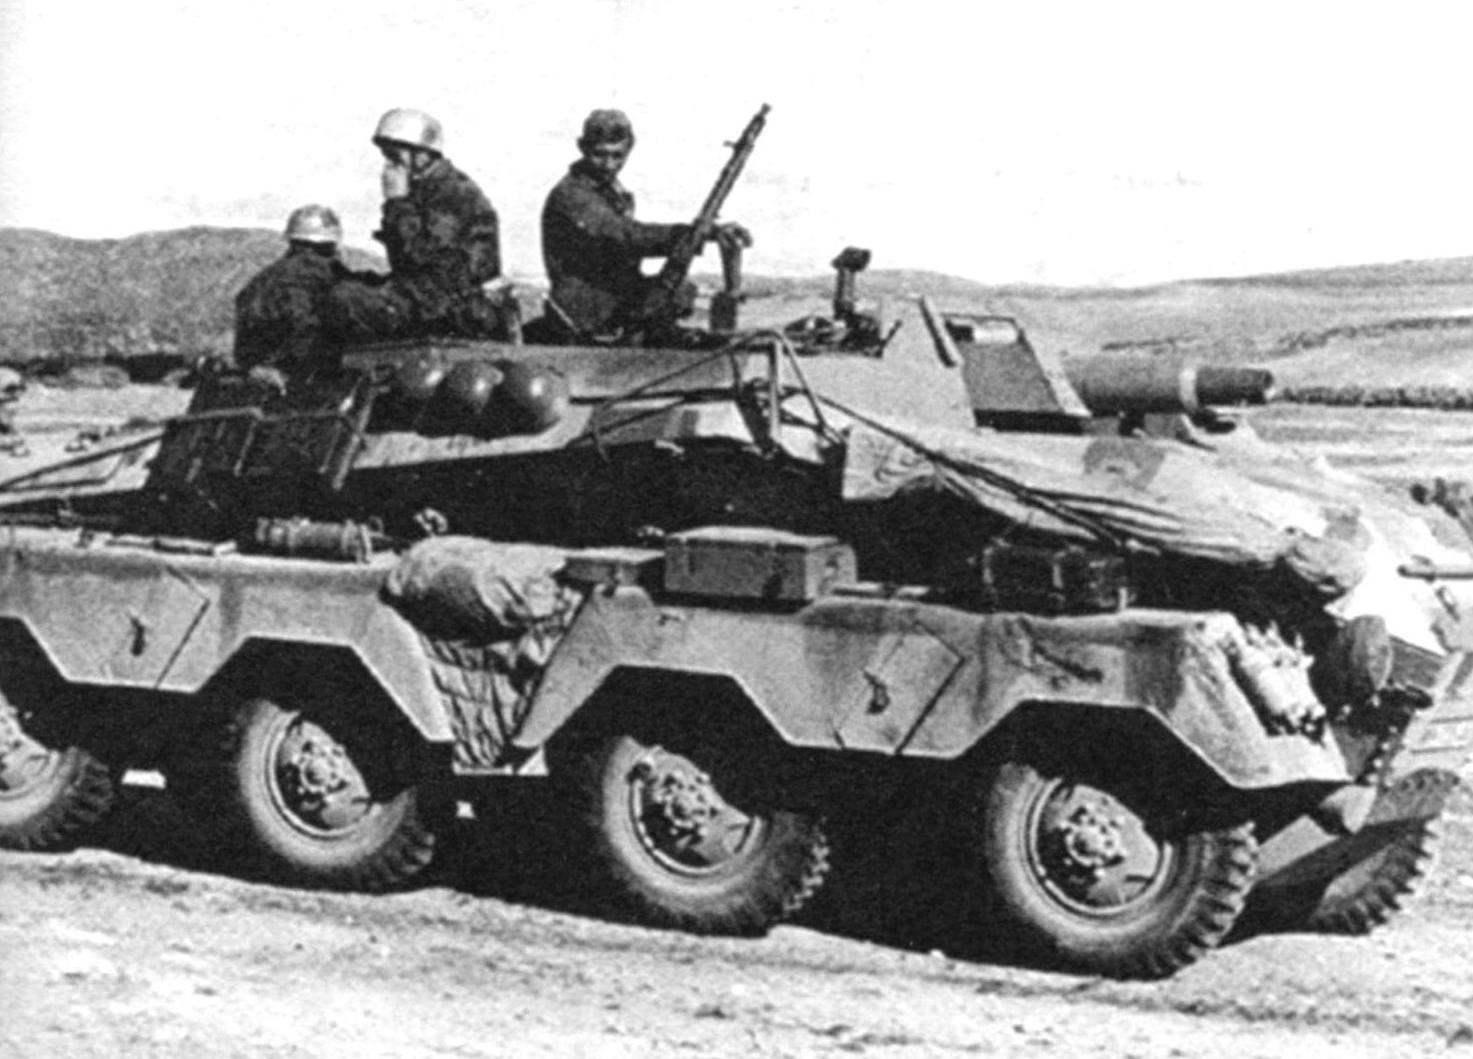 Немецкий восьмиколёсный бронеавтомобиль Sd.Kfz.234/3. В 1944 г. их было выпушенно 88 единиц